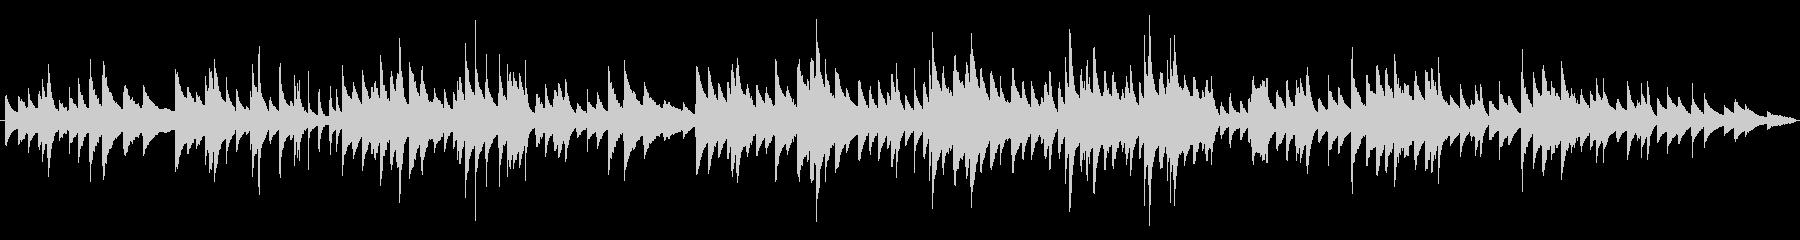 シューマン作品12 なぜ?(リピート無)の未再生の波形